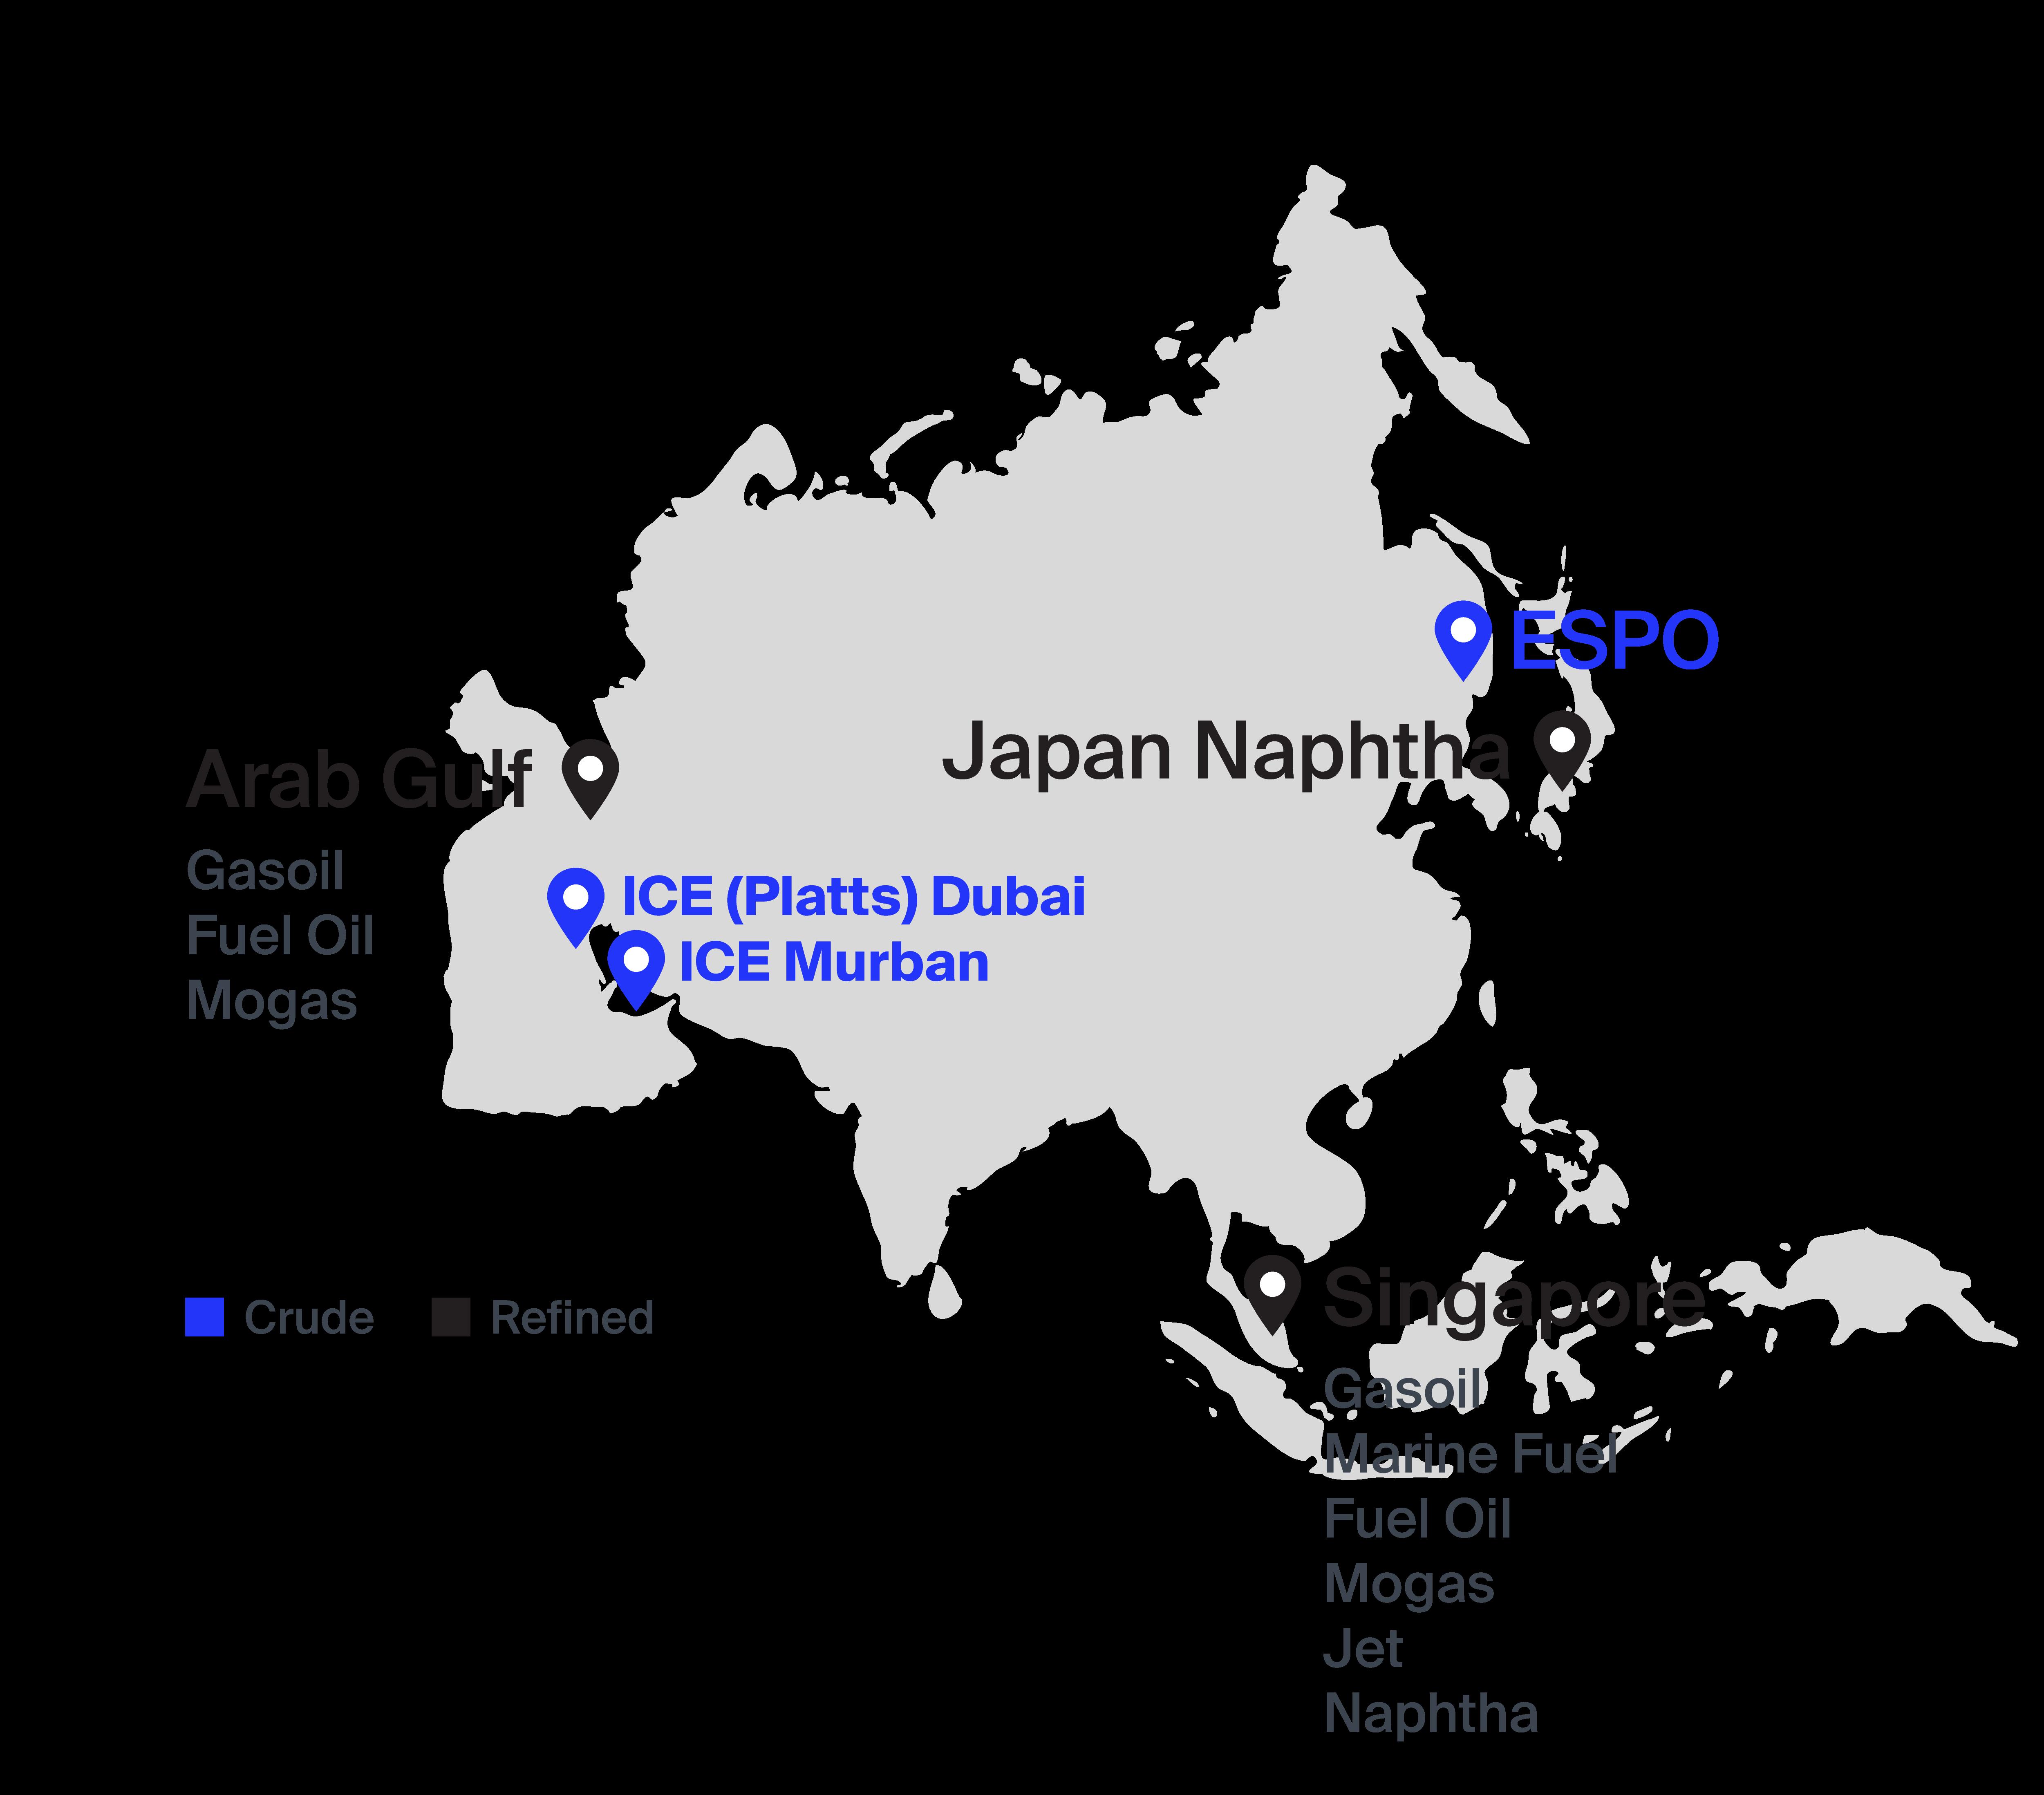 Asia Oil Complex